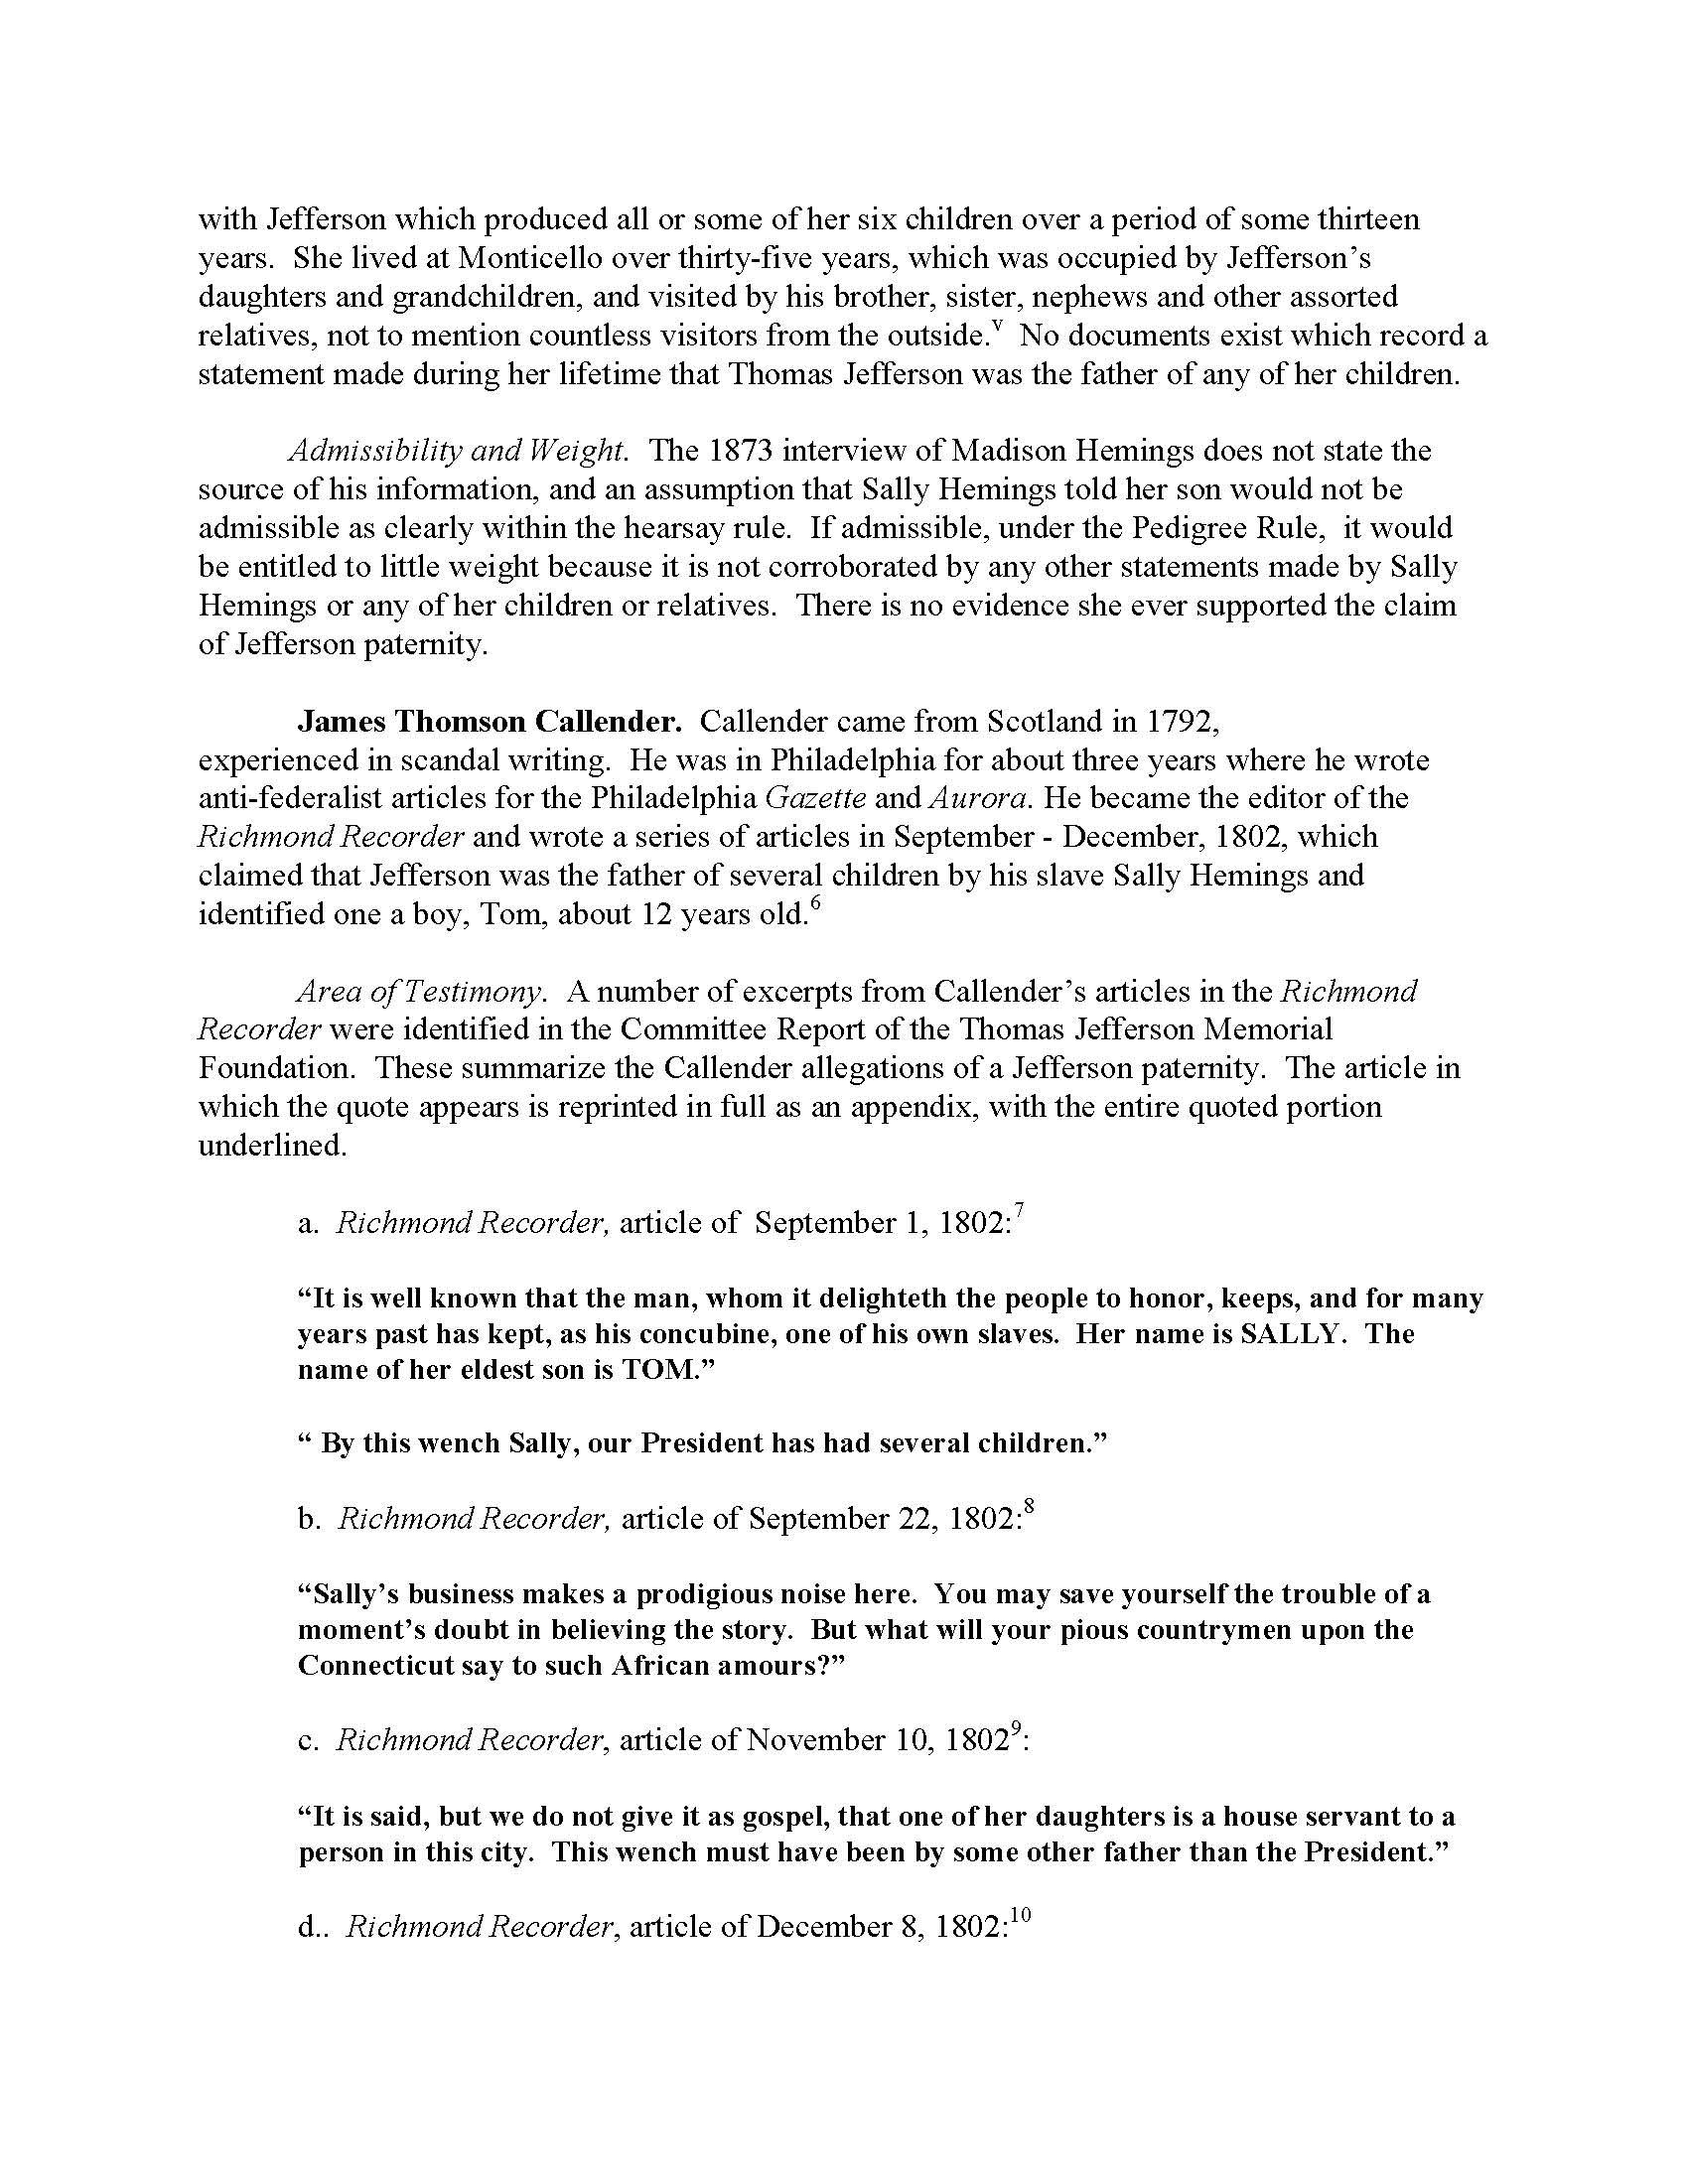 TrialAnalysis_Page_08.jpg